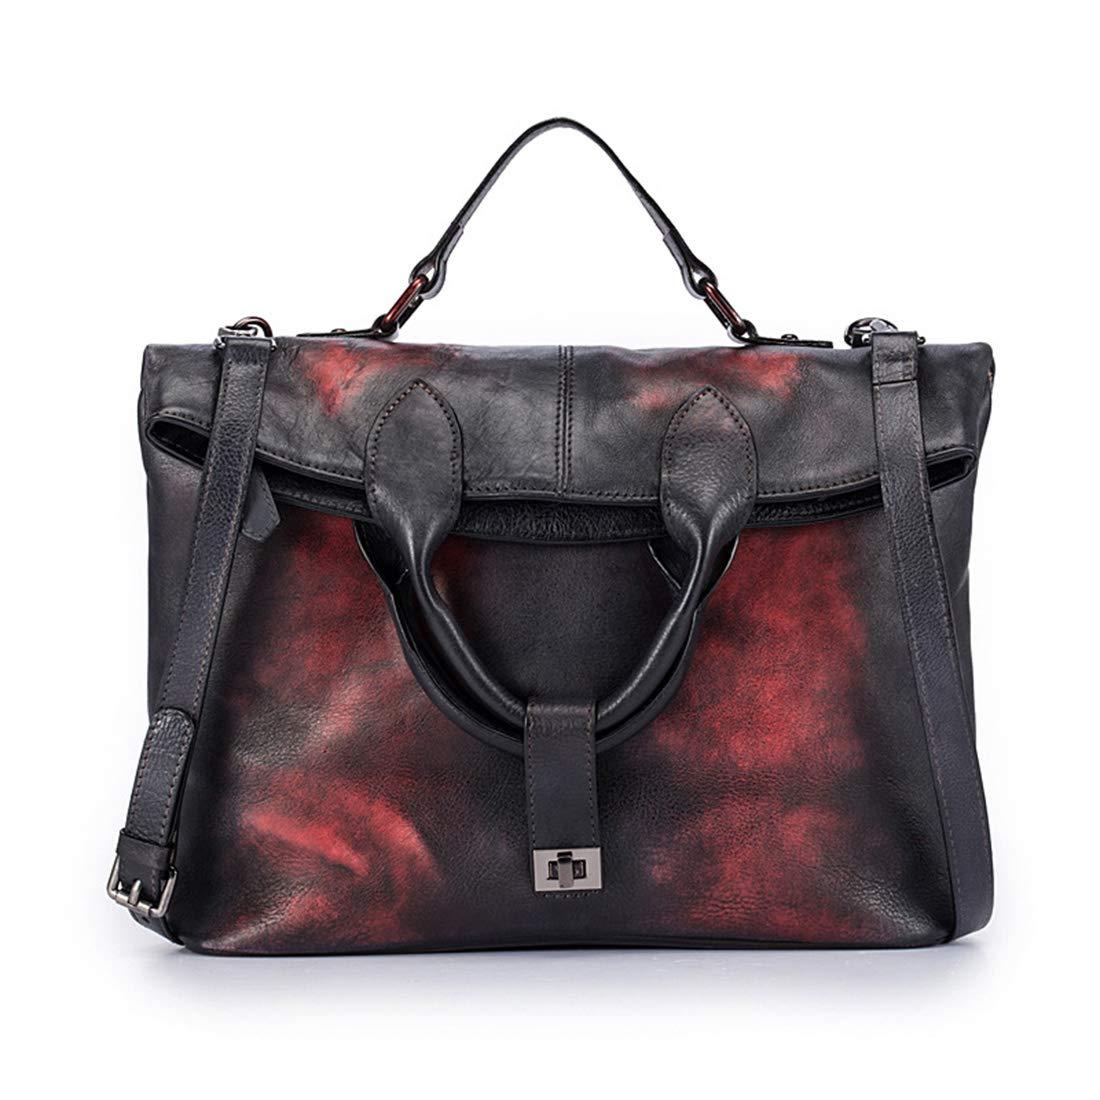 JIANZ-ryggsäck kvinnor äkta läder axelväska för kvinnor damer crossbody spänne handväska tygväska handväskor axelväska (färg: Orange) Orange rött